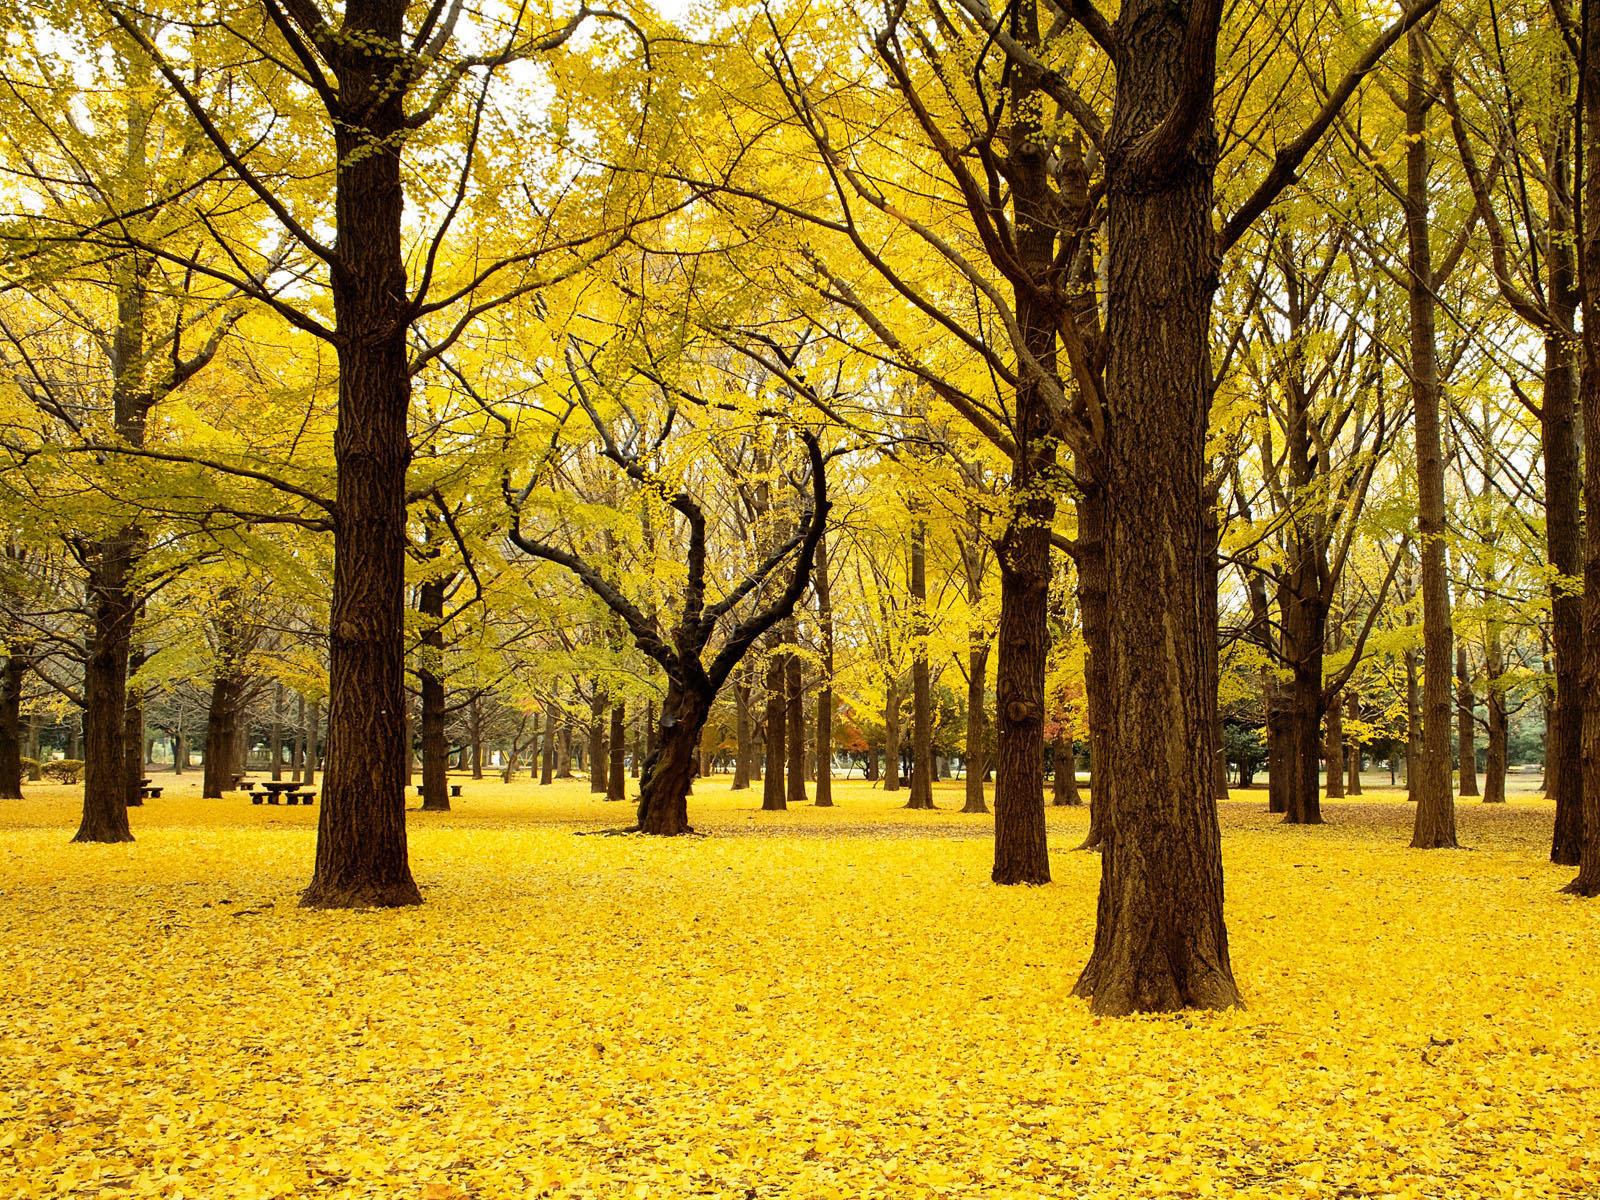 желтые листья, осень, листопад, скачать фото, осенний лес, обои для рабочего стола